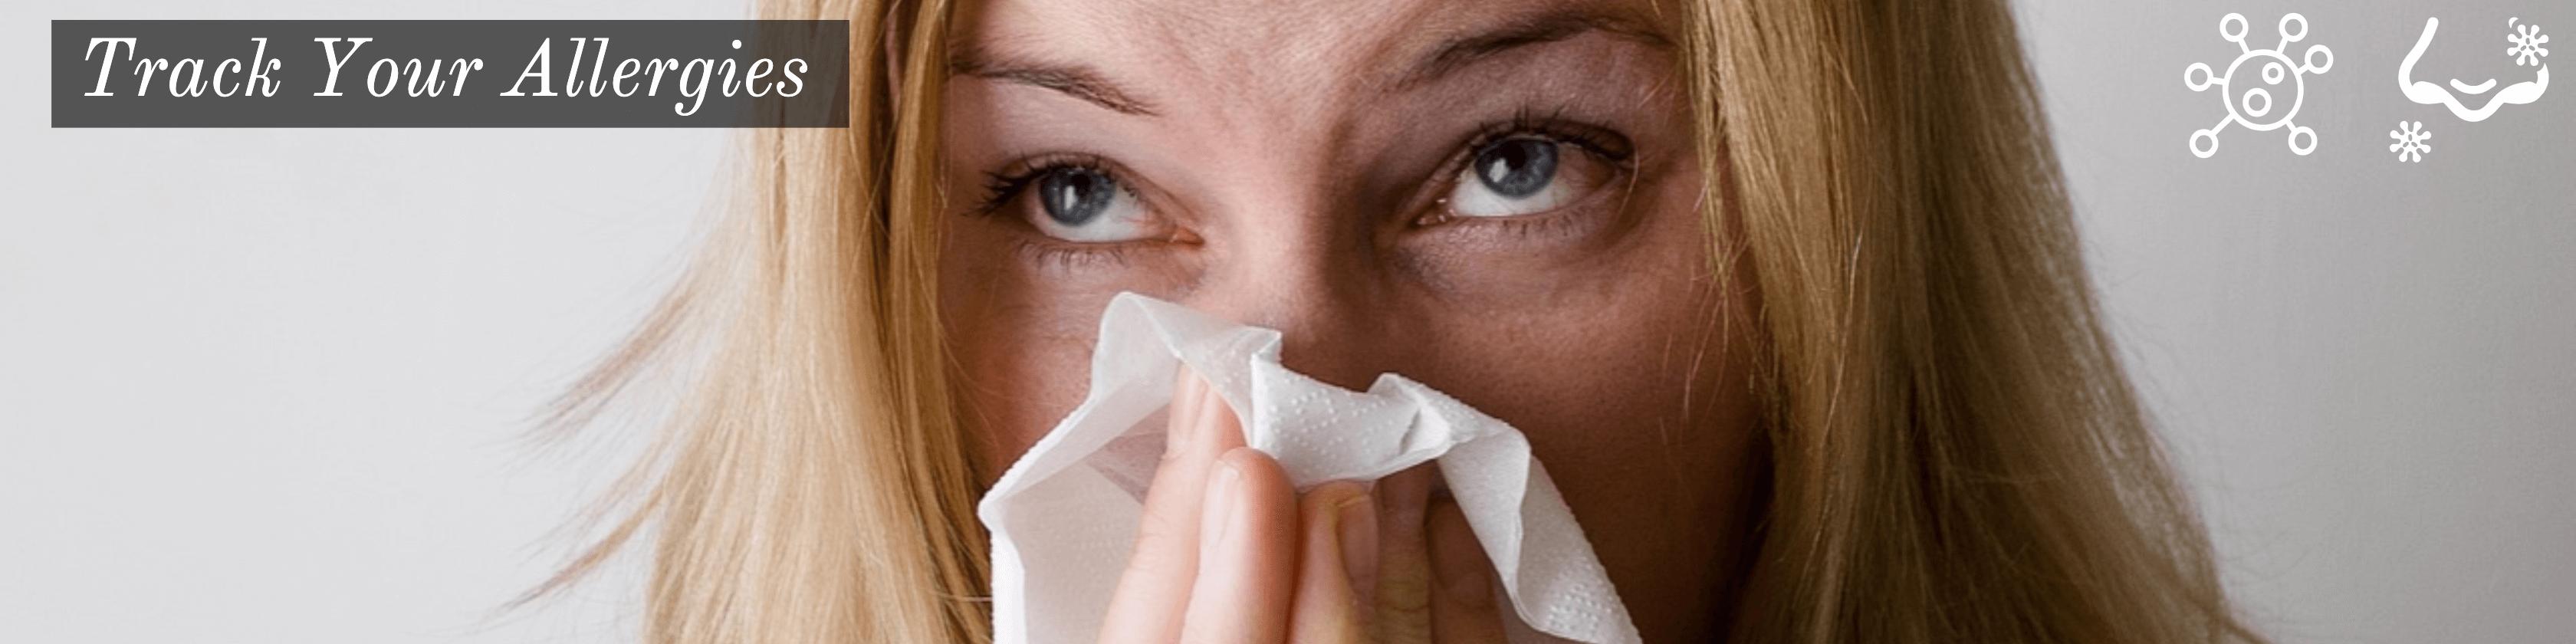 allergy tracker